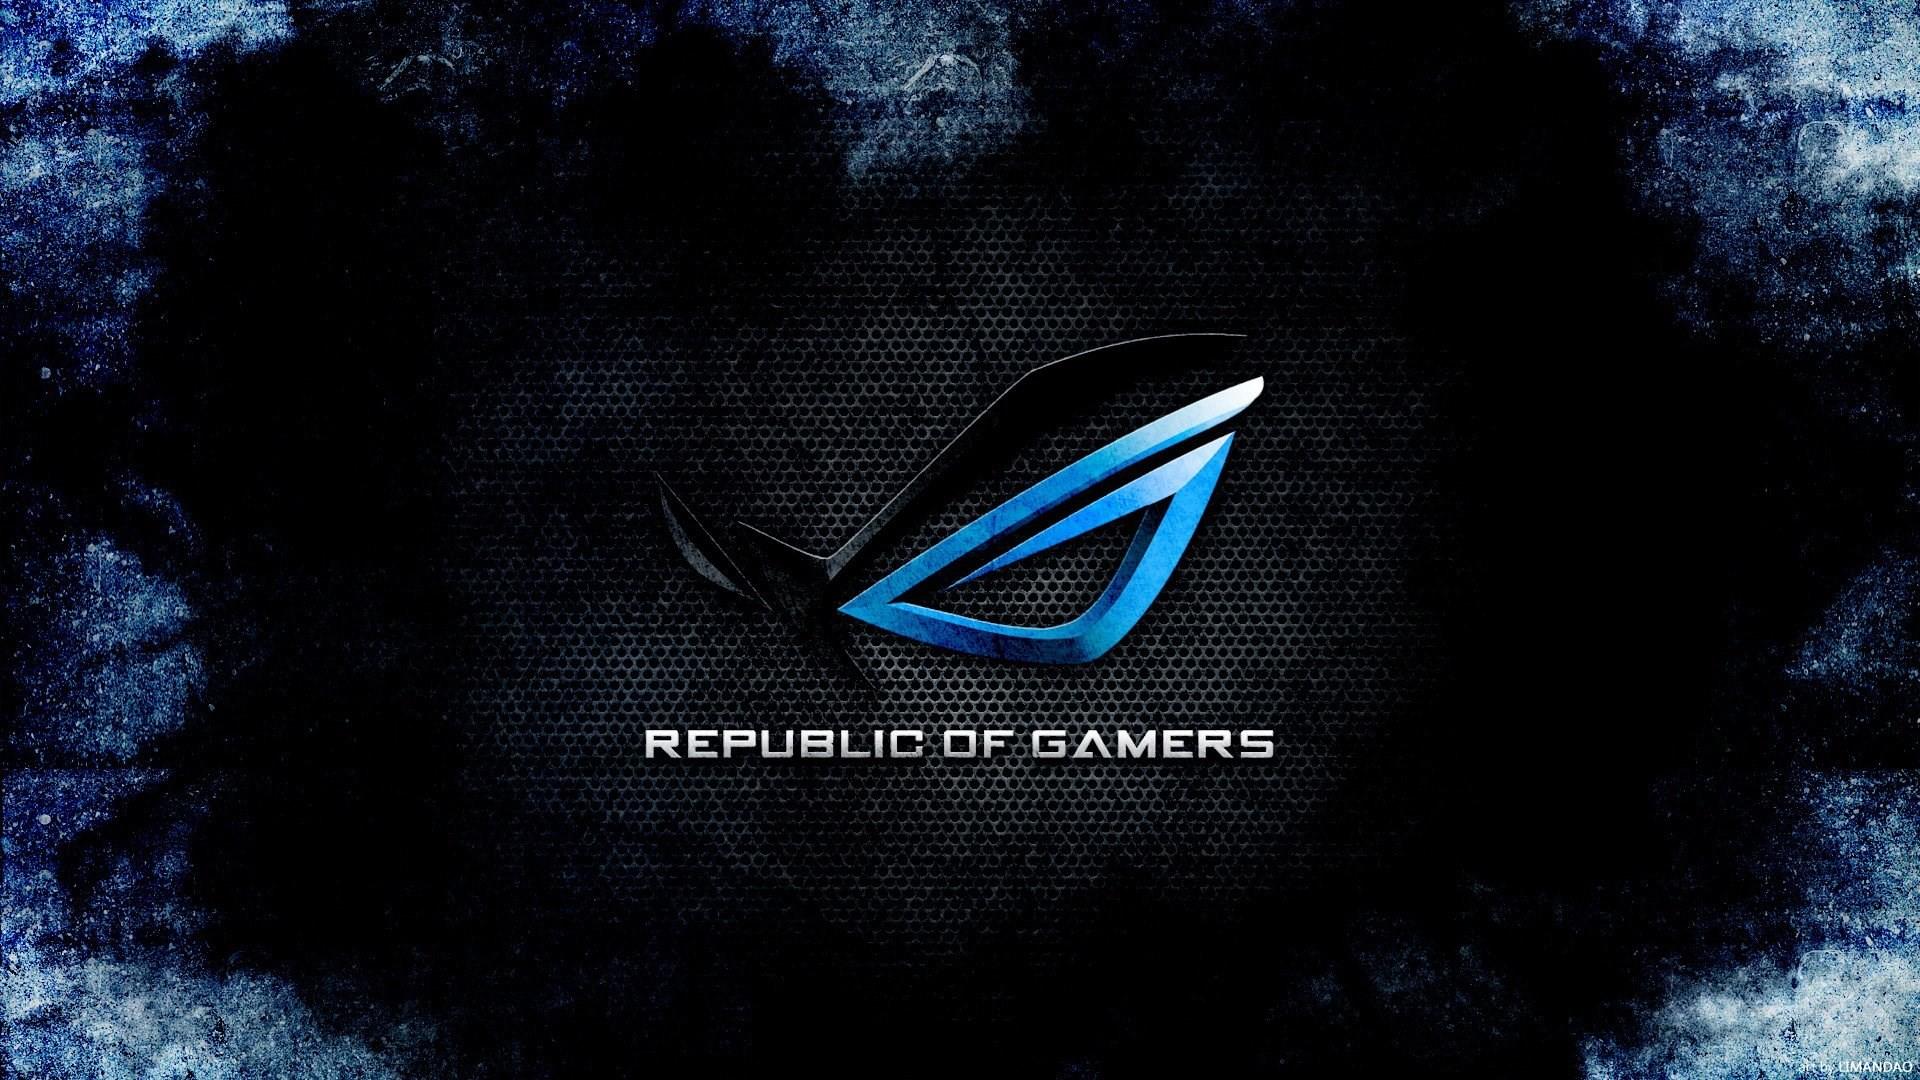 Asus Republic Of Gamers Wallpapers – Wallpaper Cave